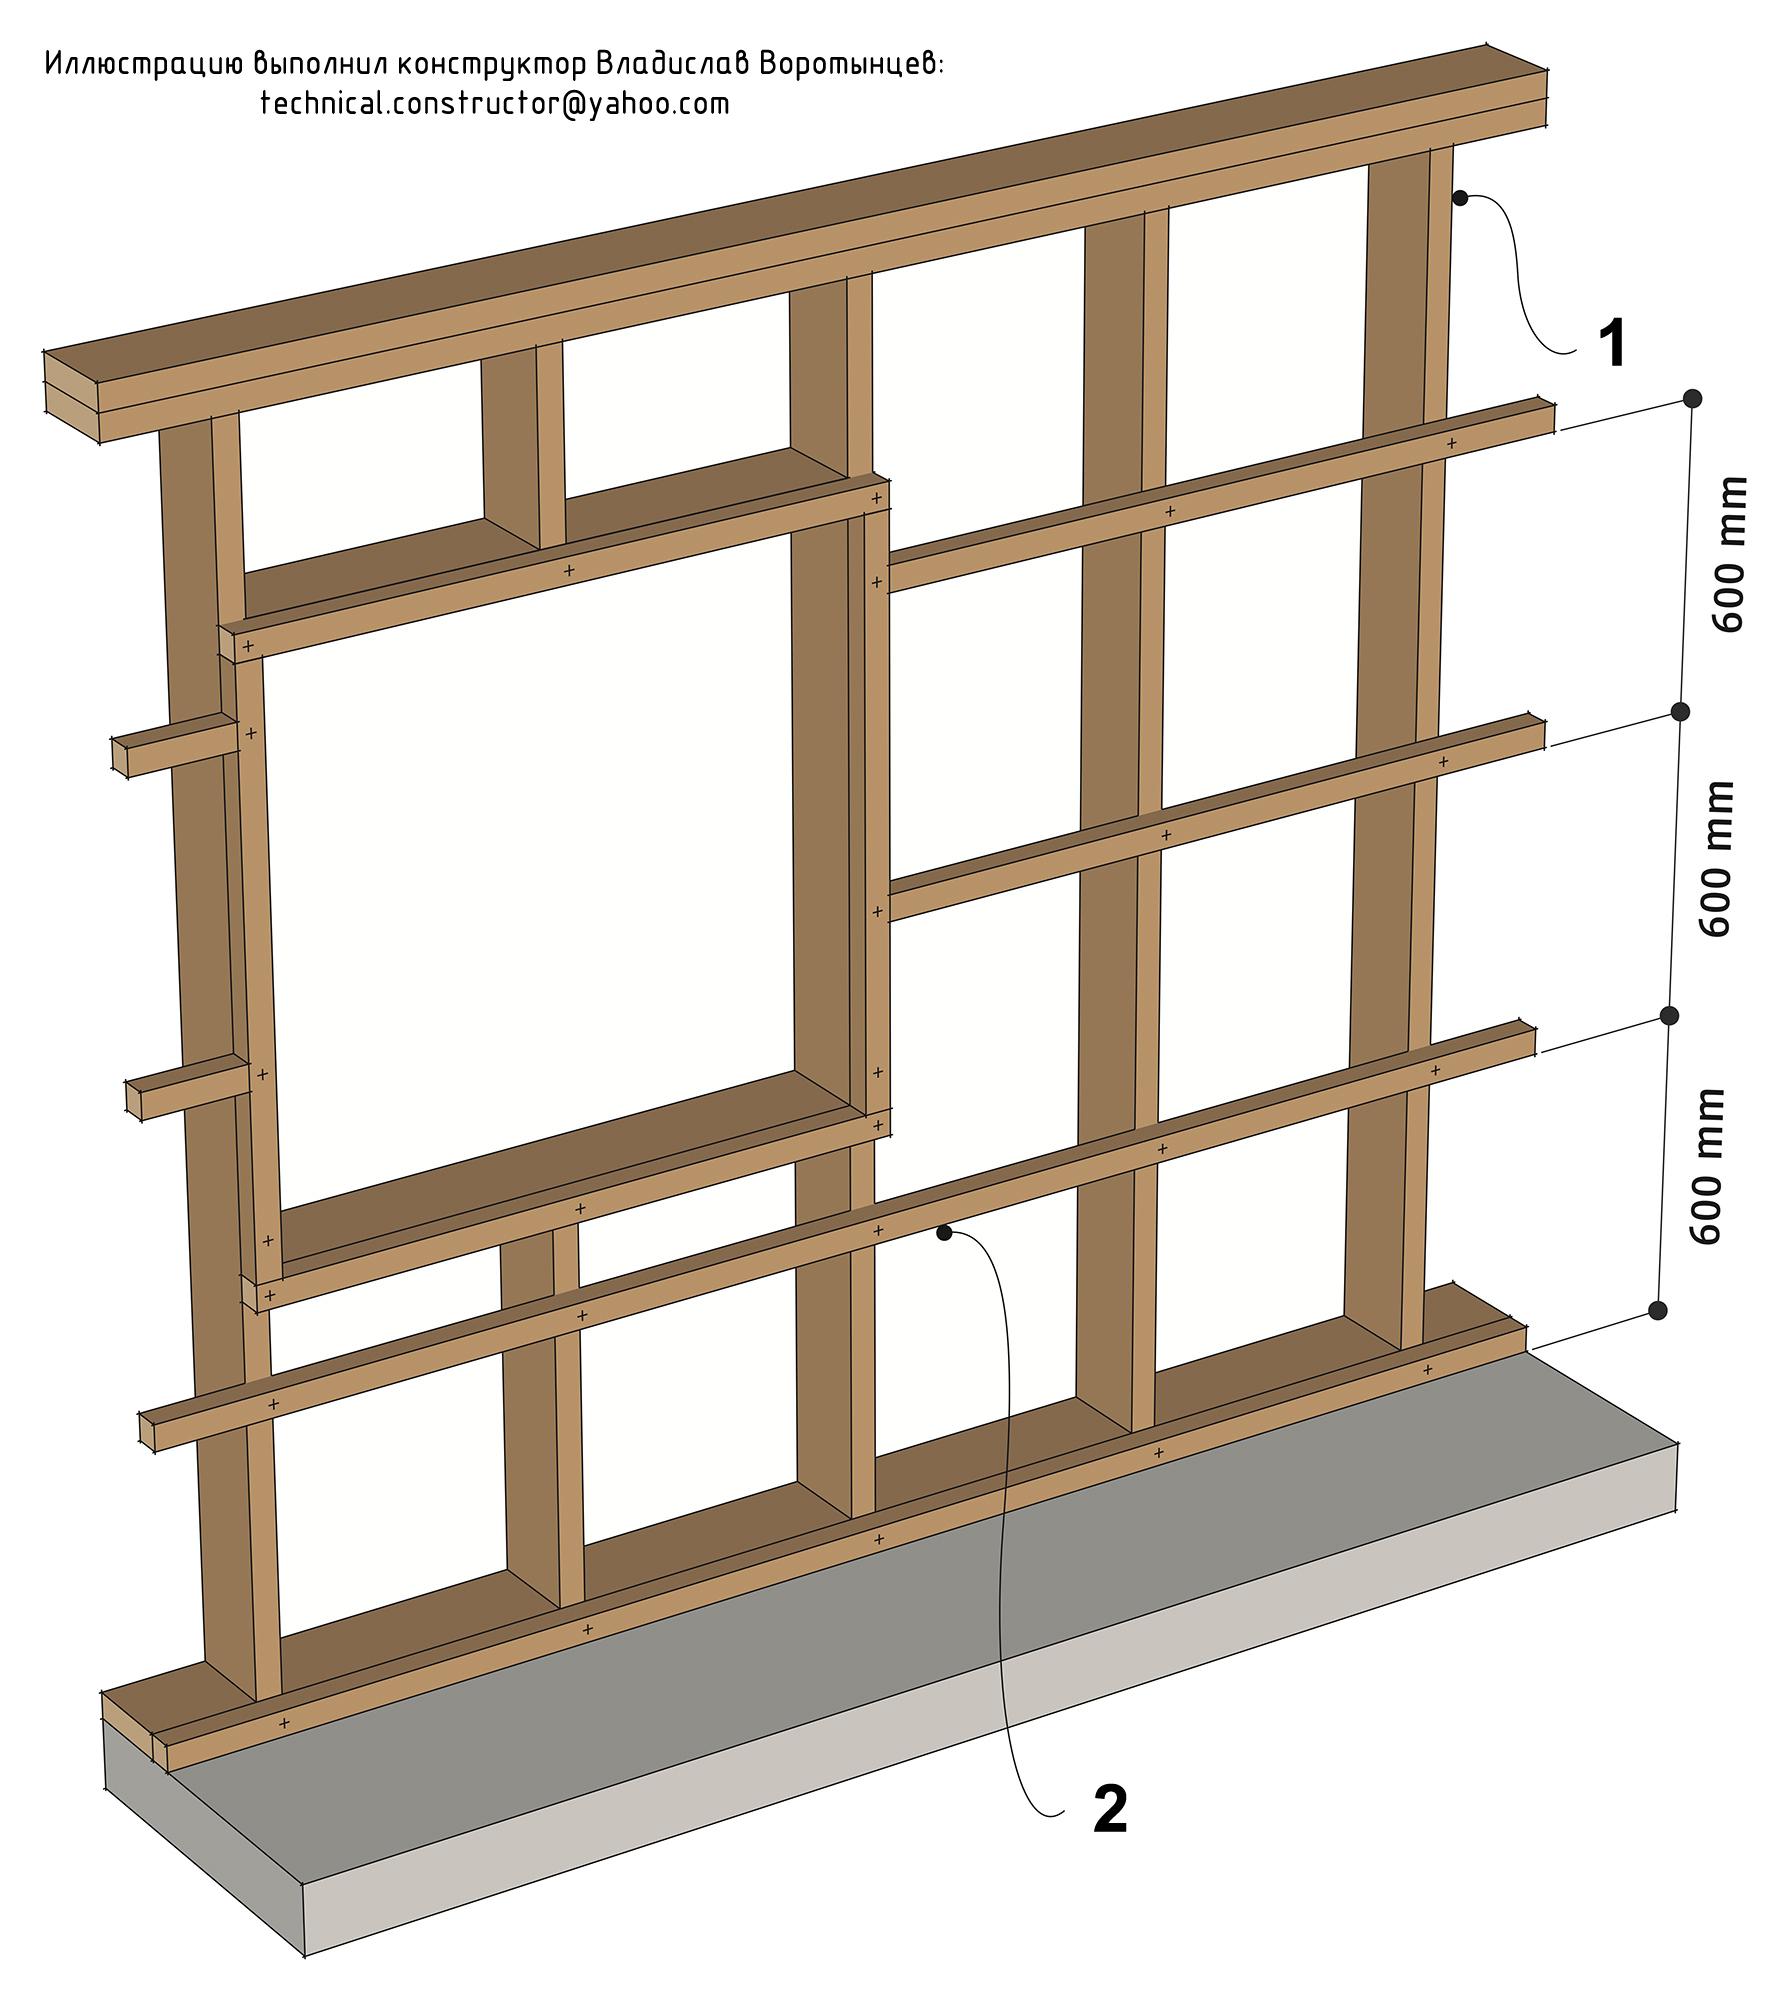 Рис. 9.17 Пример внутренней горизонтальной обрешётки скандинавской каркасной стены. Обрешётка каркасов скандинавских деревянных стен